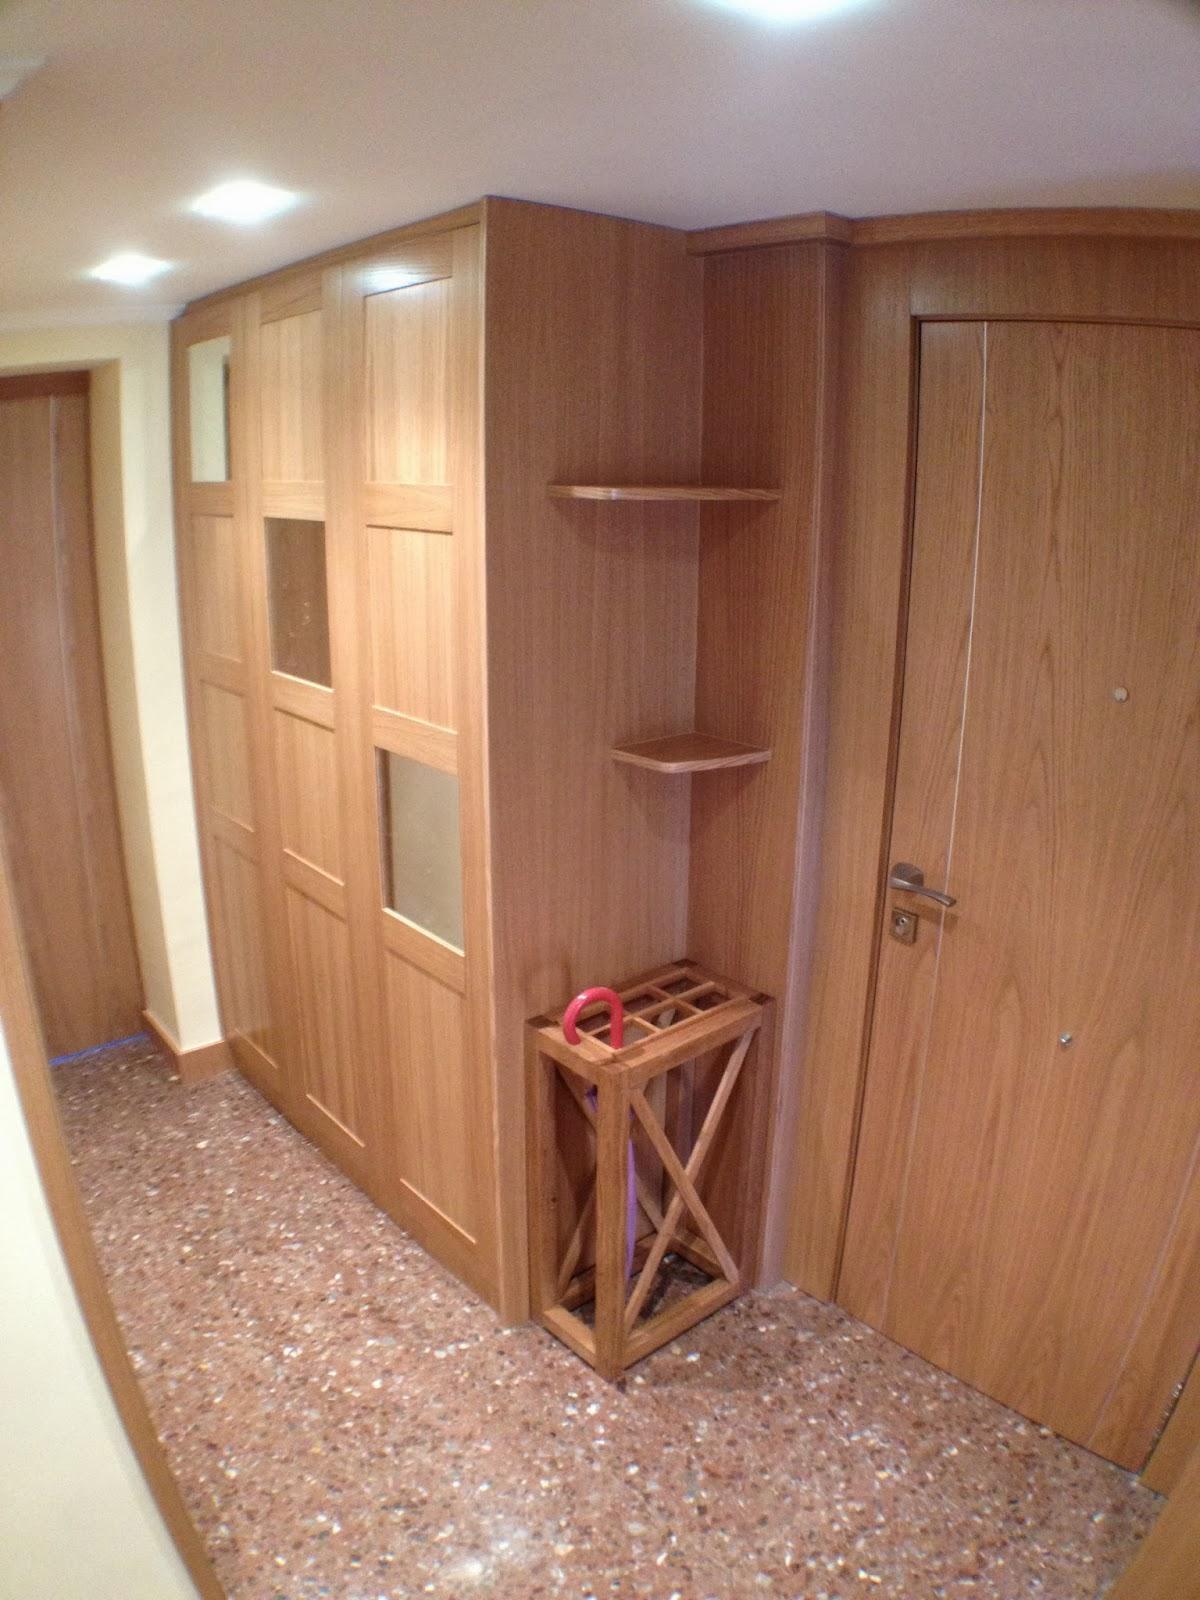 Puertas para armarios a medida beautiful reforma de piso - Armarios a medida zaragoza ...